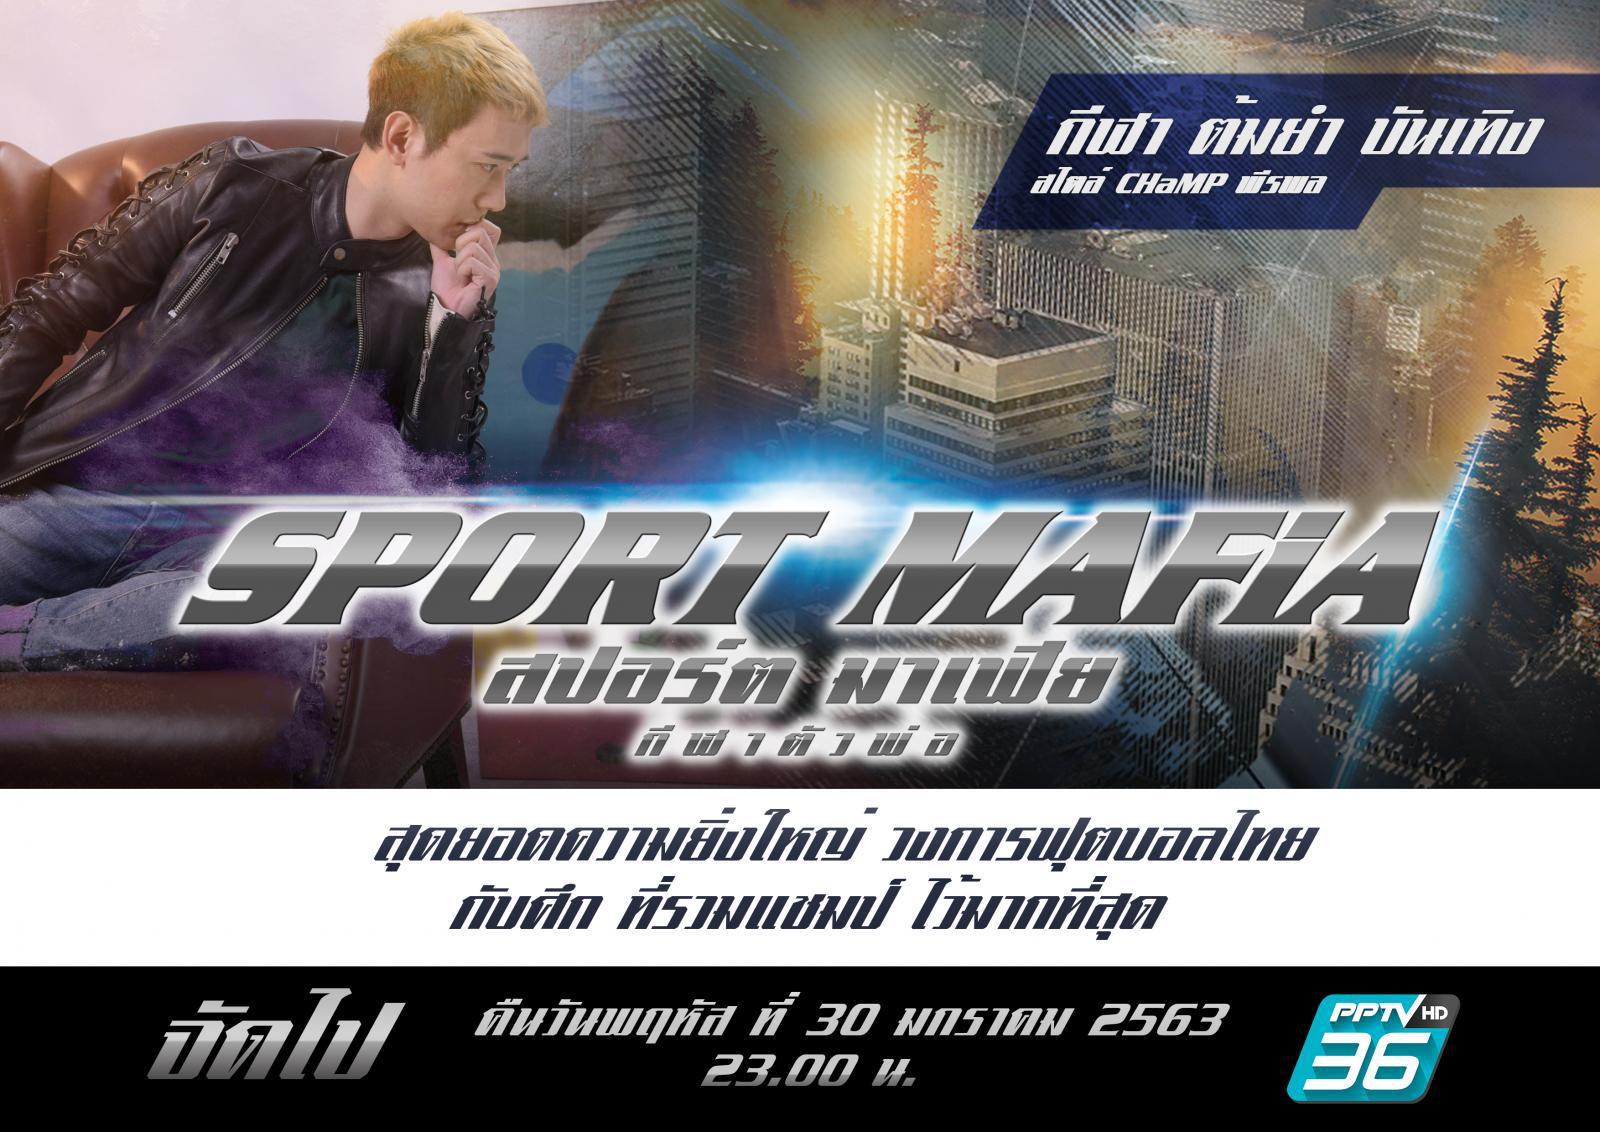 สุดยอดความยิ่งใหญ่ วงการฟุตบอลไทย